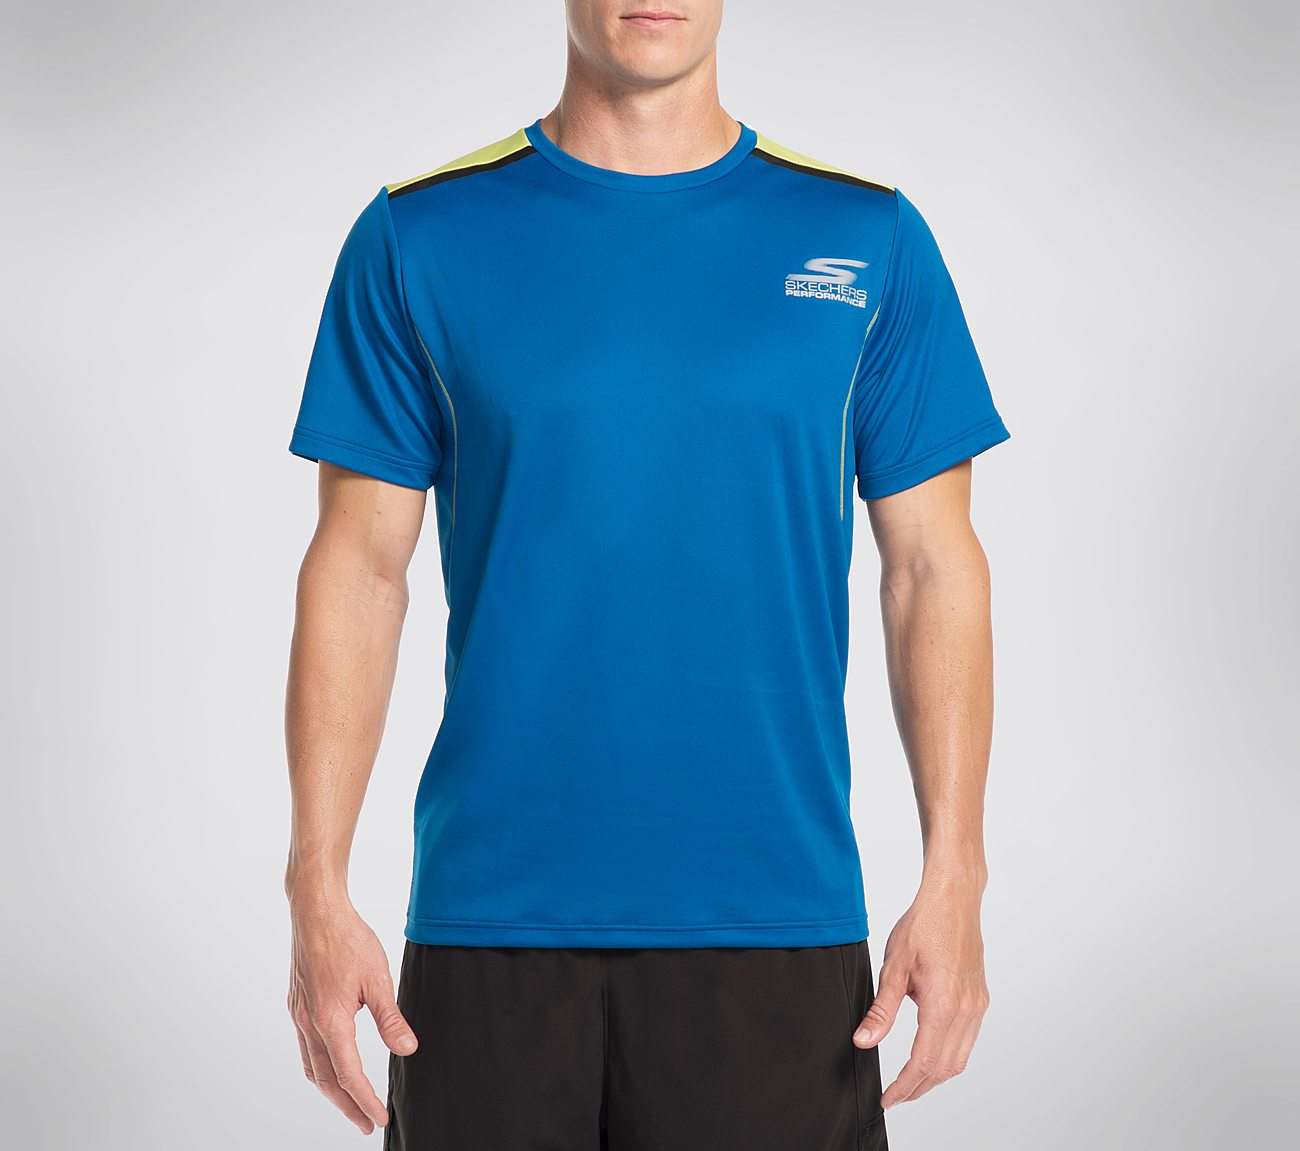 Pismo Beach Tech Tee Shirt